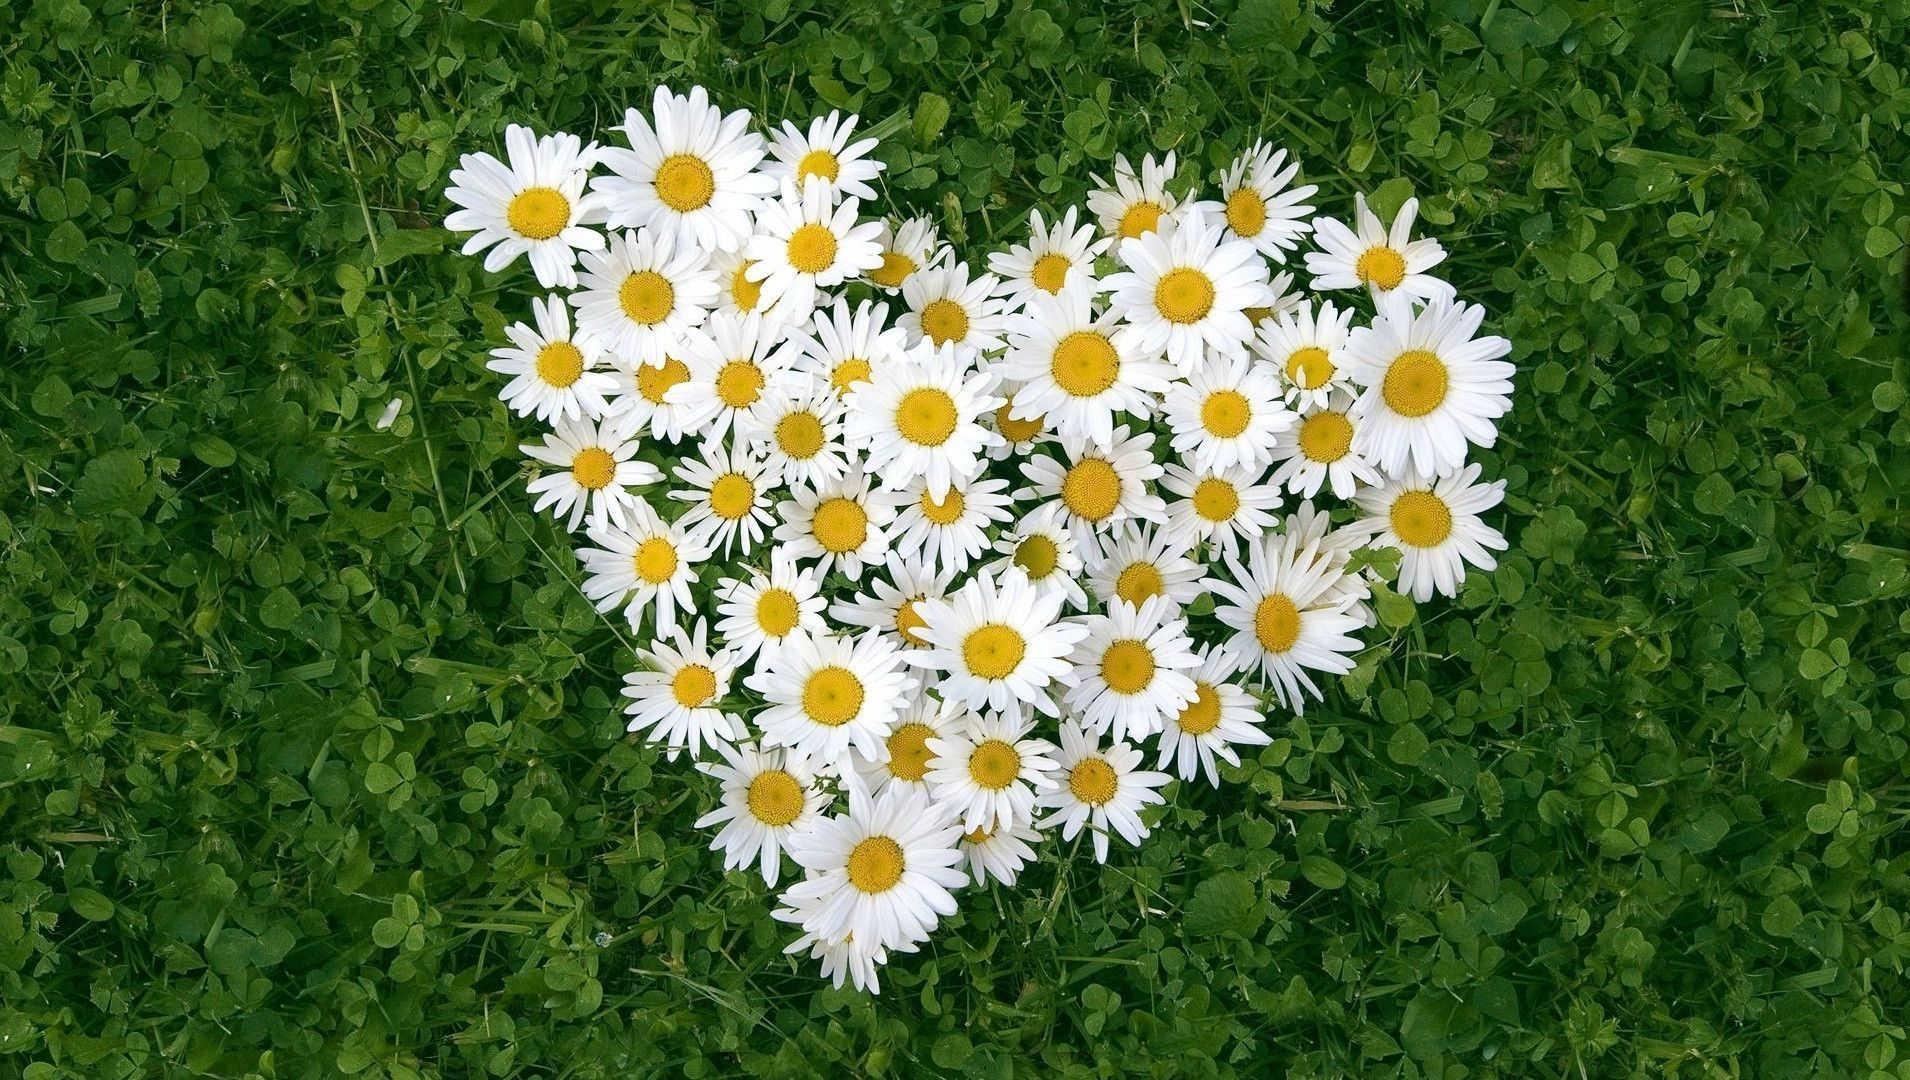 Daisy Flowers Love Heart On Green Grass